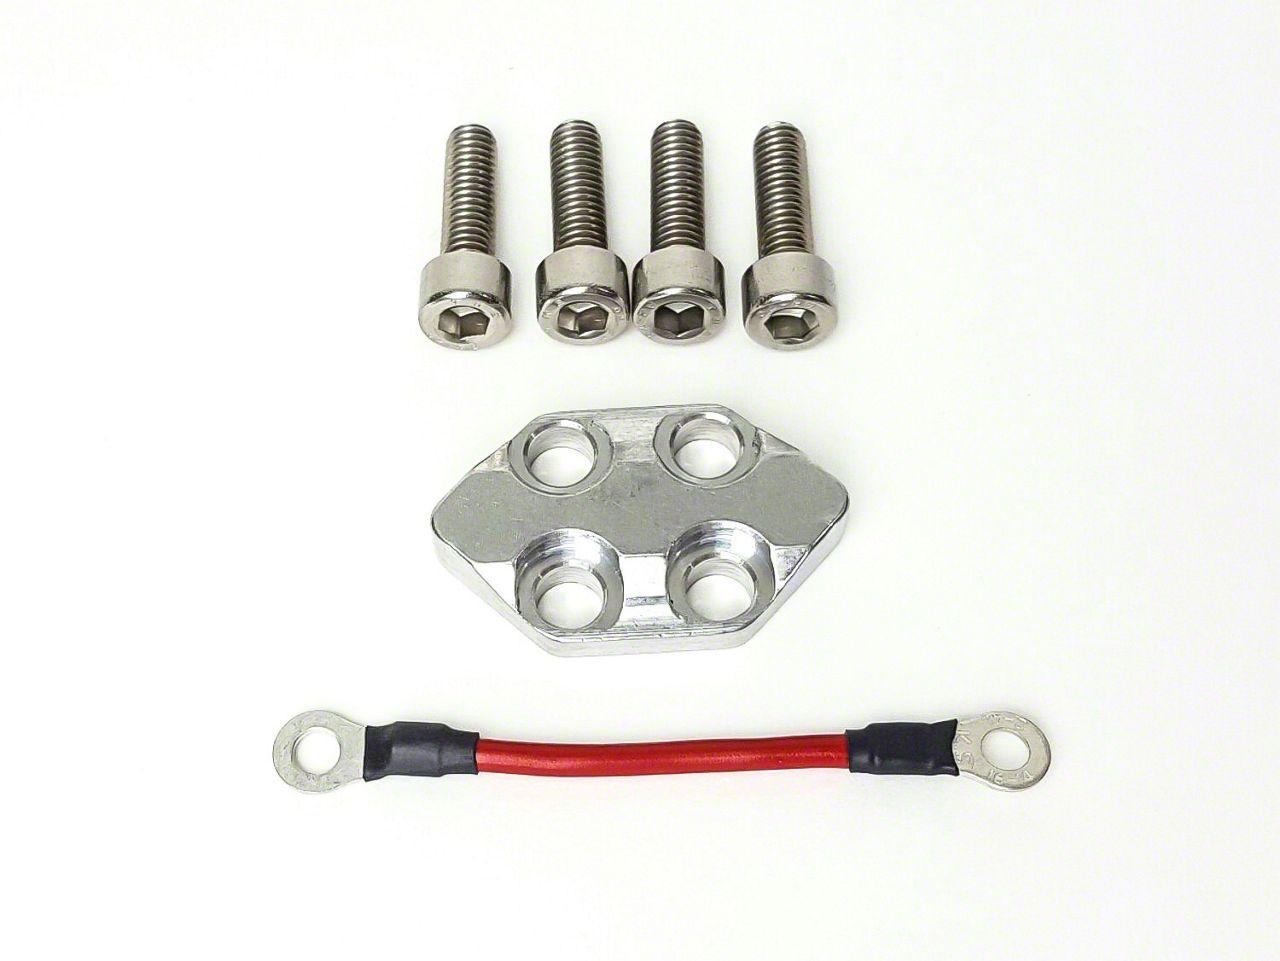 KC HiLiTES Flex Stacker Kit (97-19 F-150)